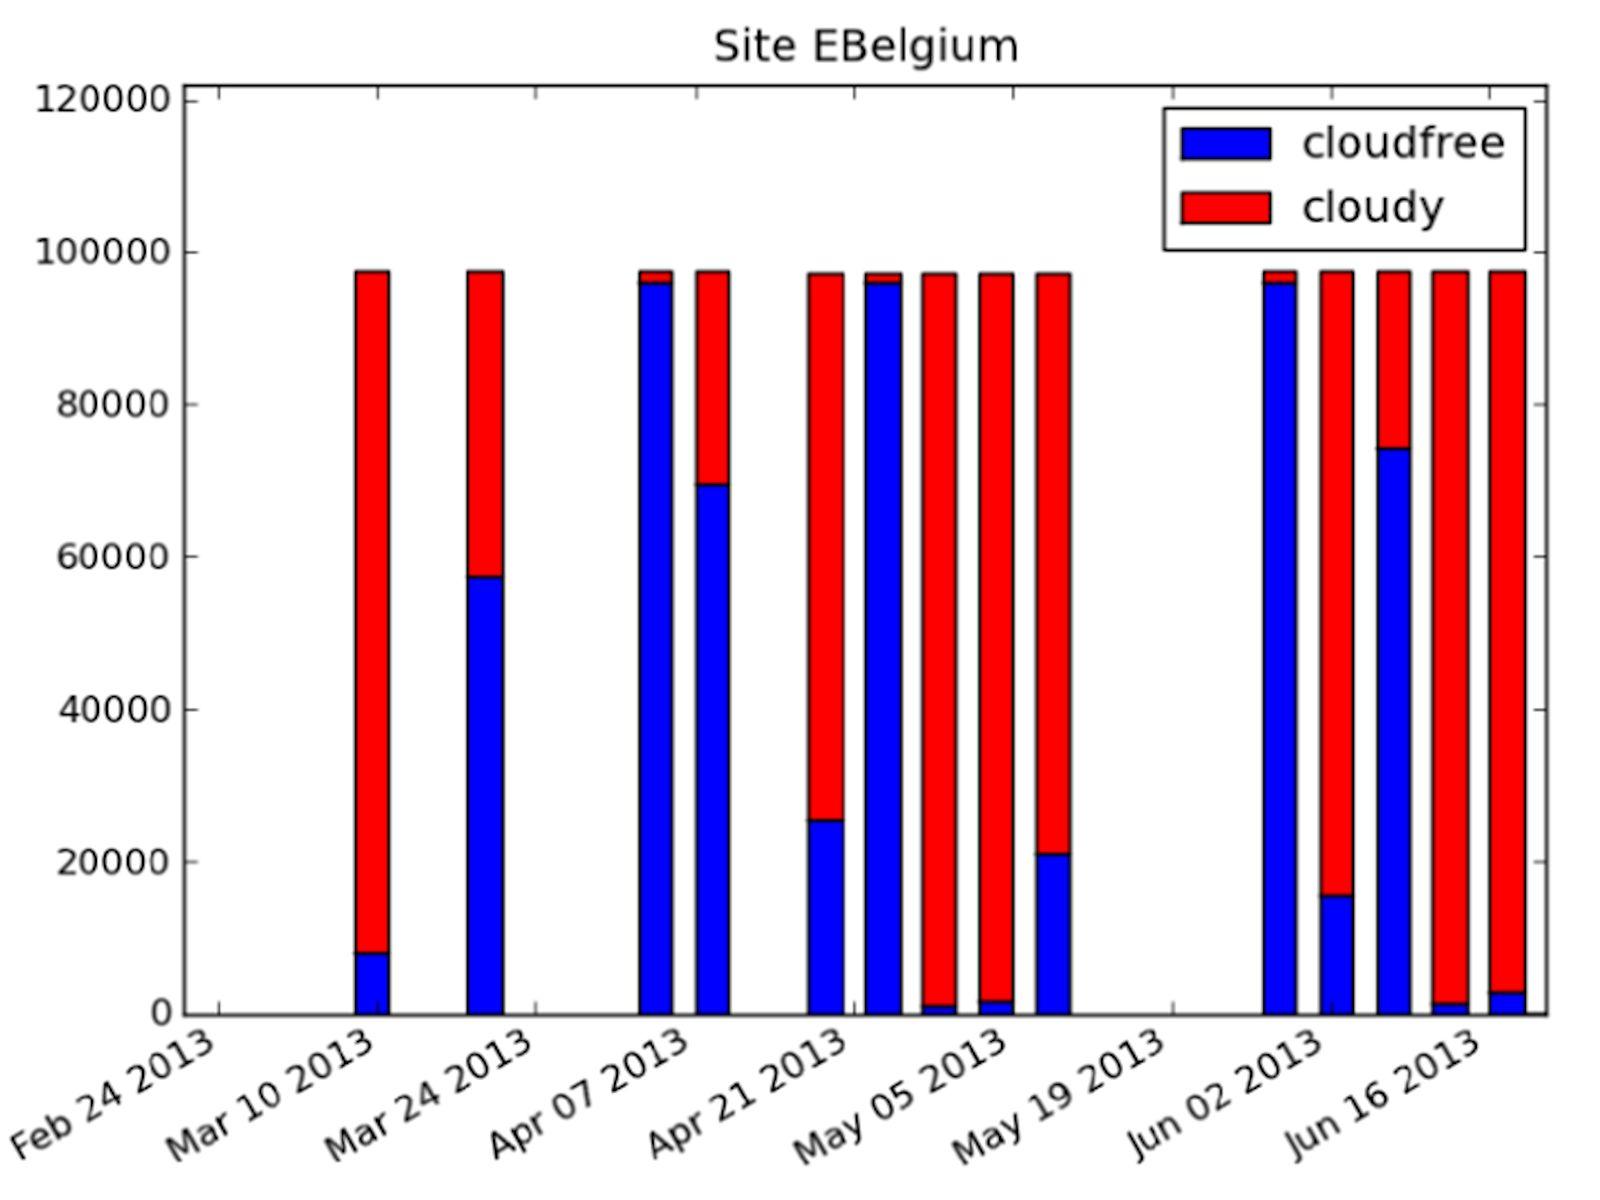 Expérience Take 5 - Spot - Exemple de résultat - Belgique - Revisite et couverture nuageuse